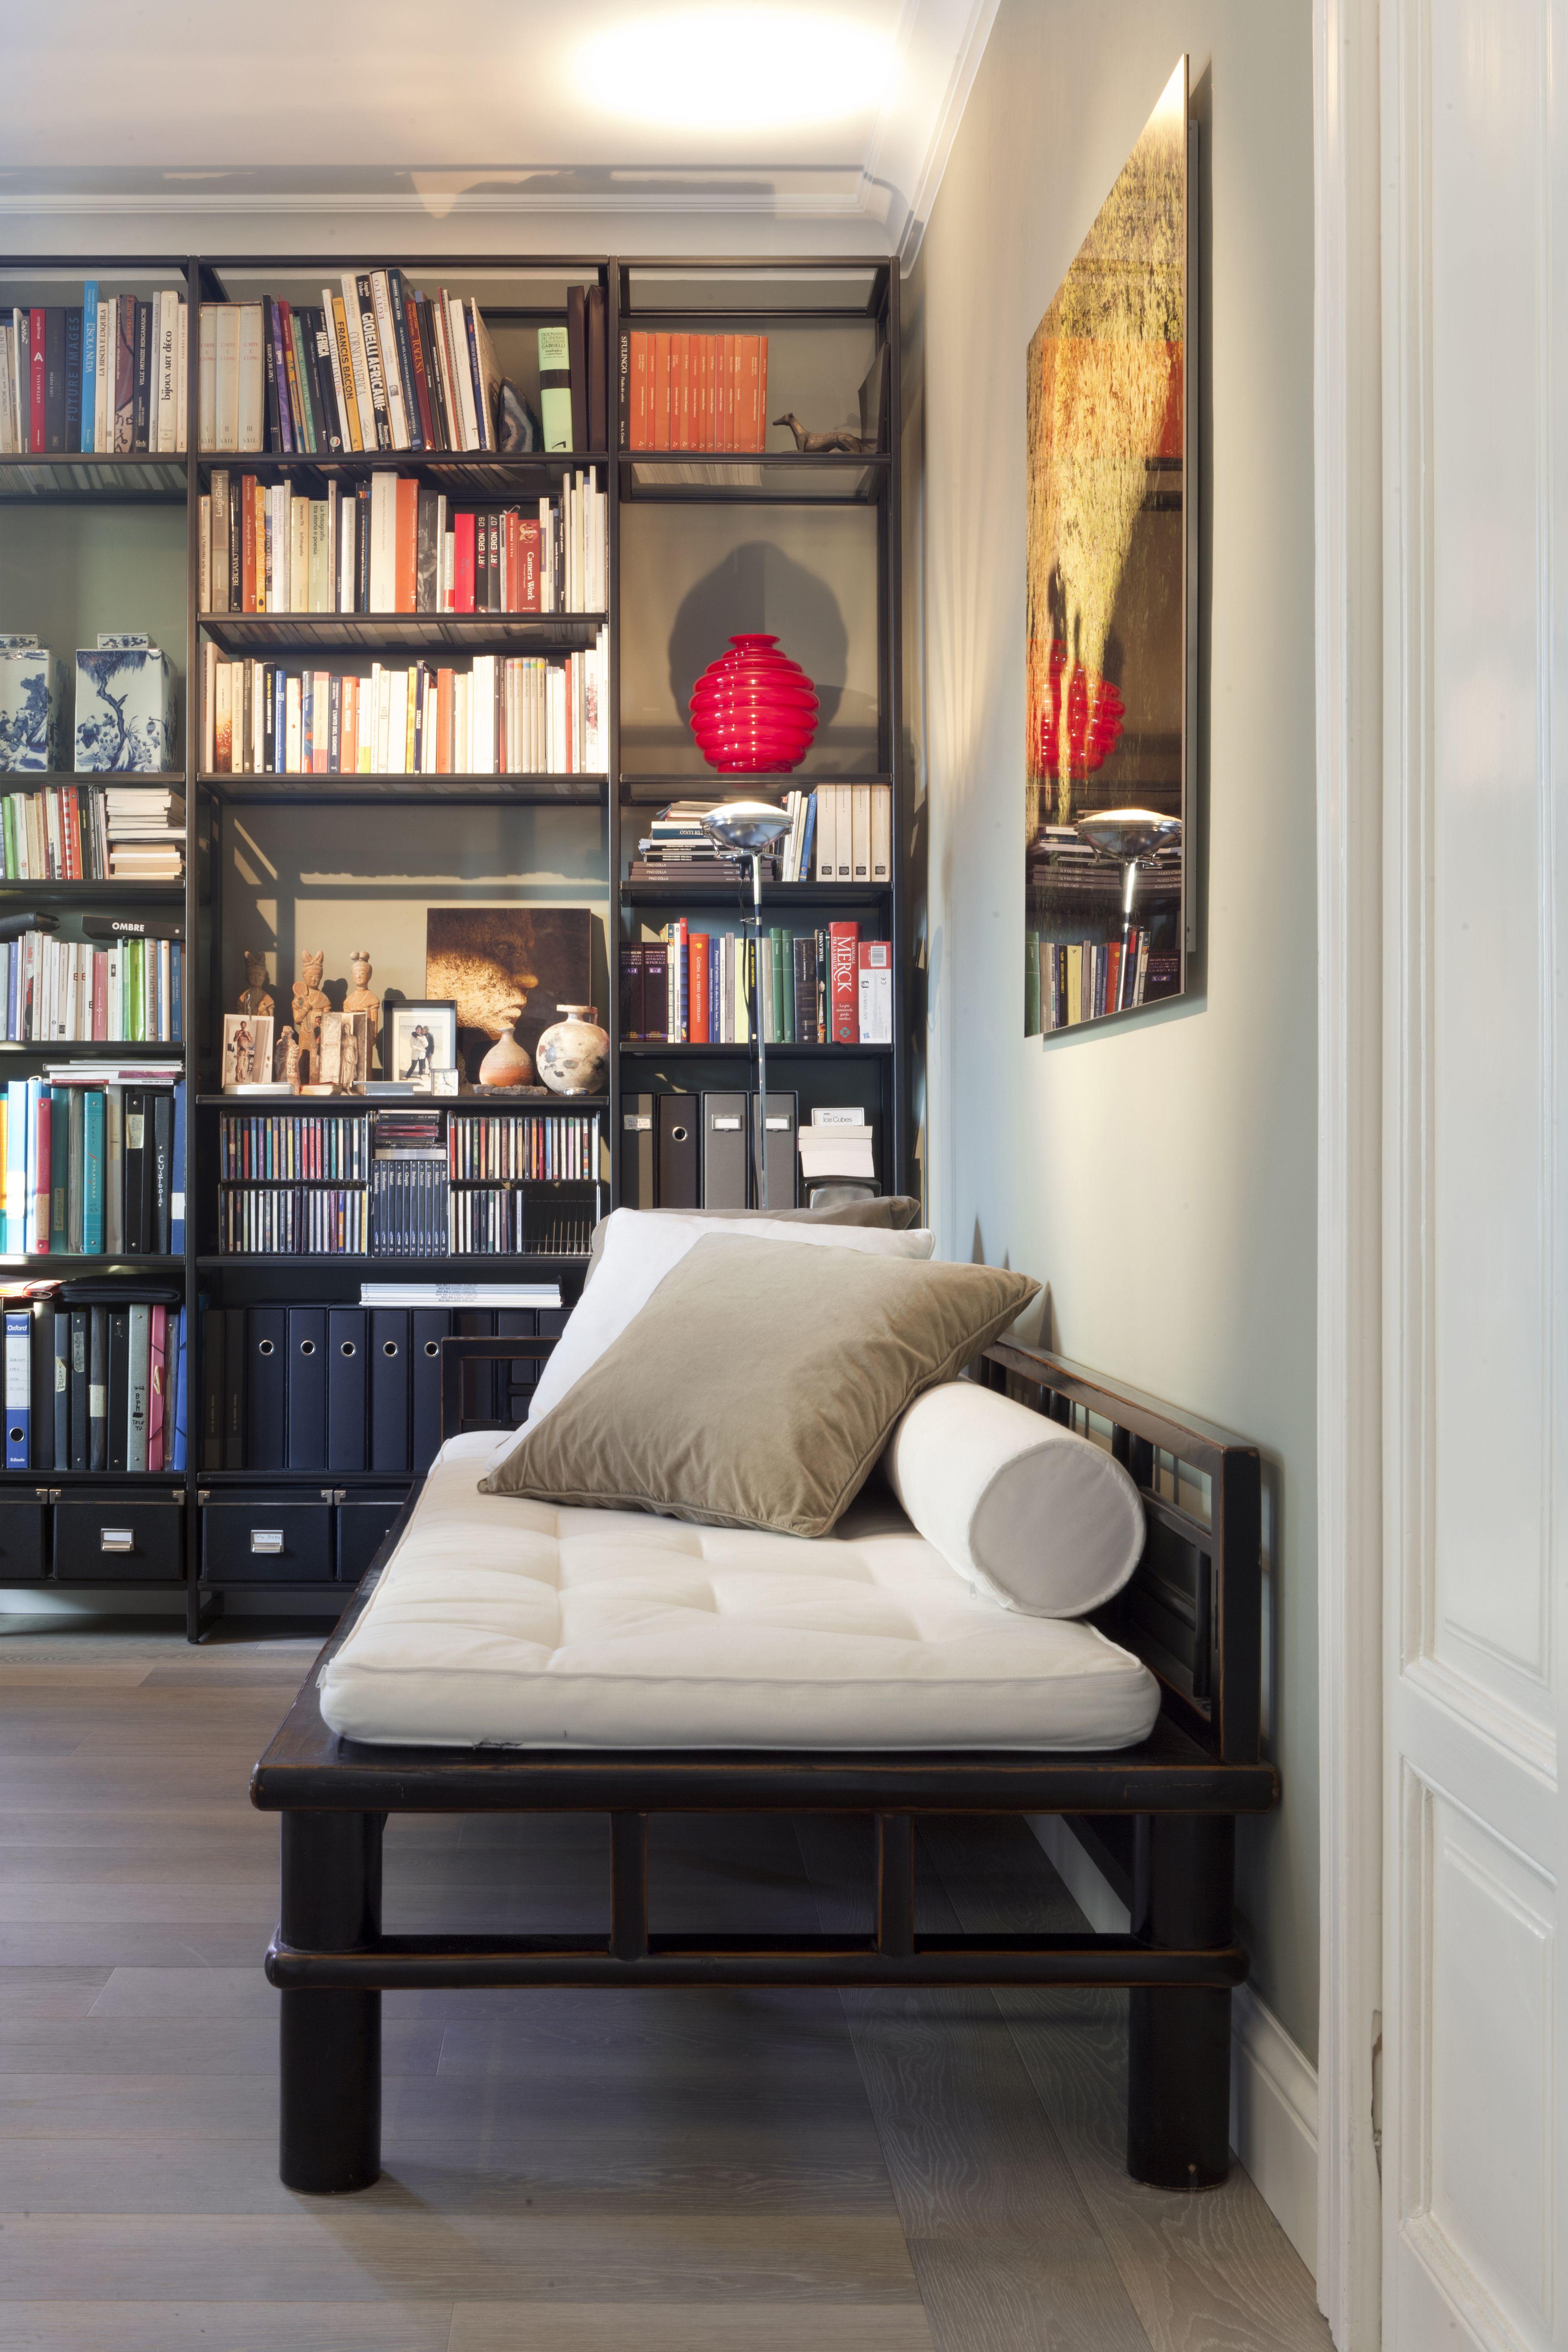 studio con libreria | Idee per decorare la casa, Librerie ...